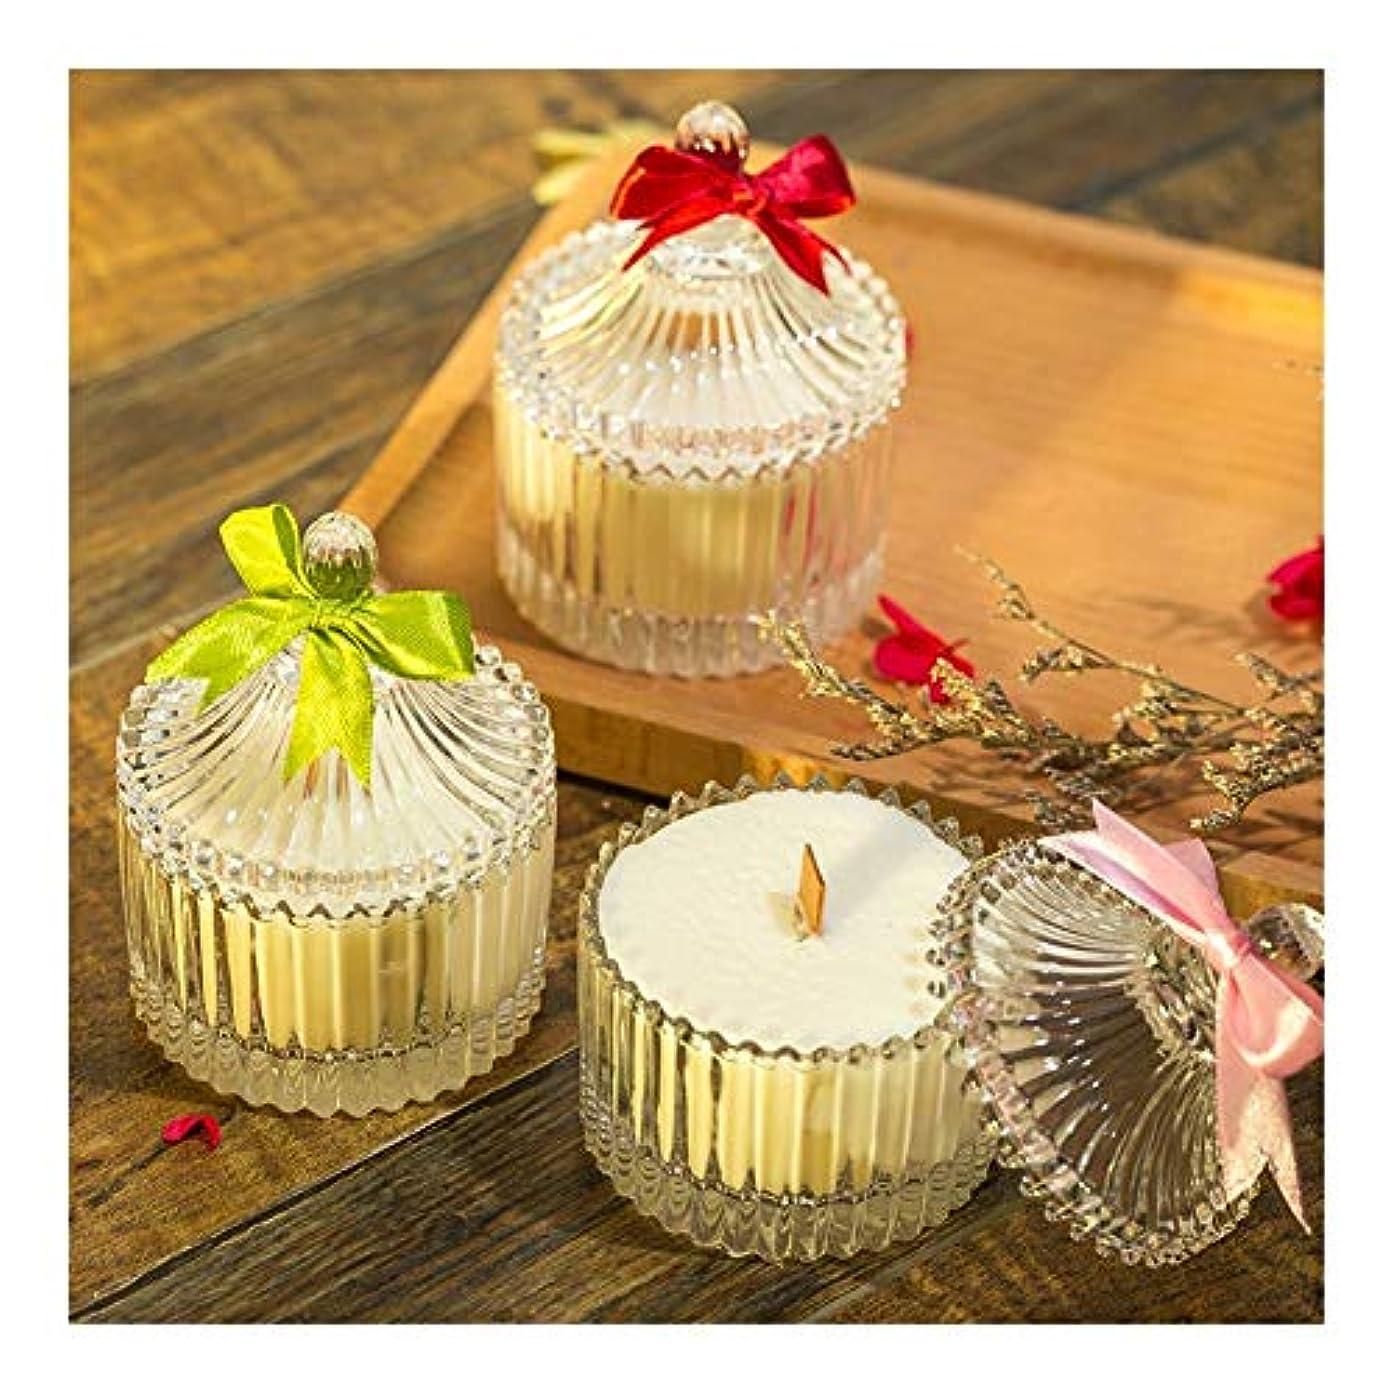 才能歯痛上院議員Guomao 大豆の香料入りの蝋燭の無煙ガラスの蝋燭の結婚祝い (色 : Marriage)